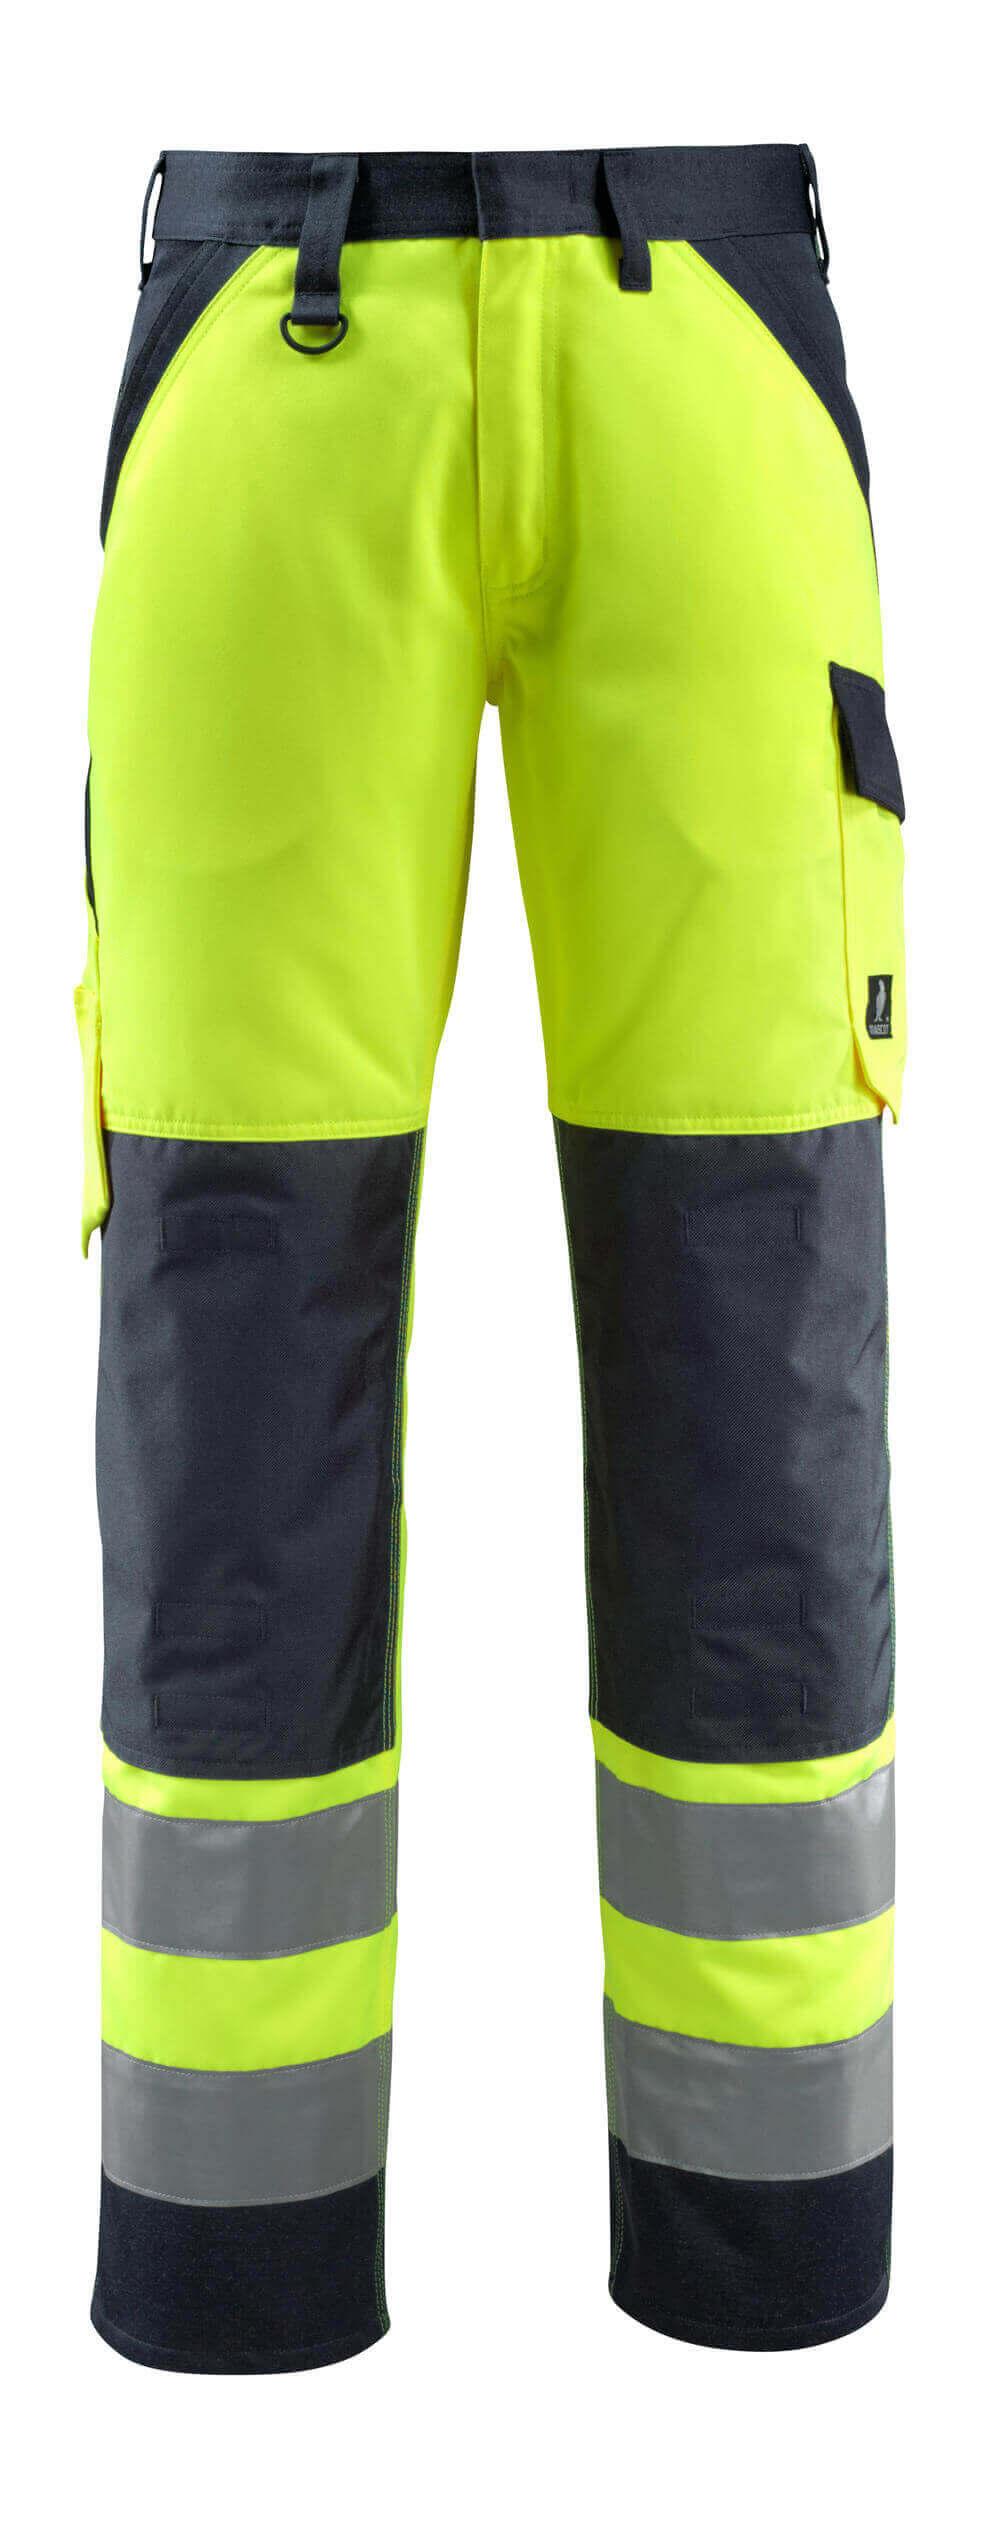 15979-948-17010 Pantaloni con tasche porta-ginocchiere - giallo hi-vis/blu navy scuro